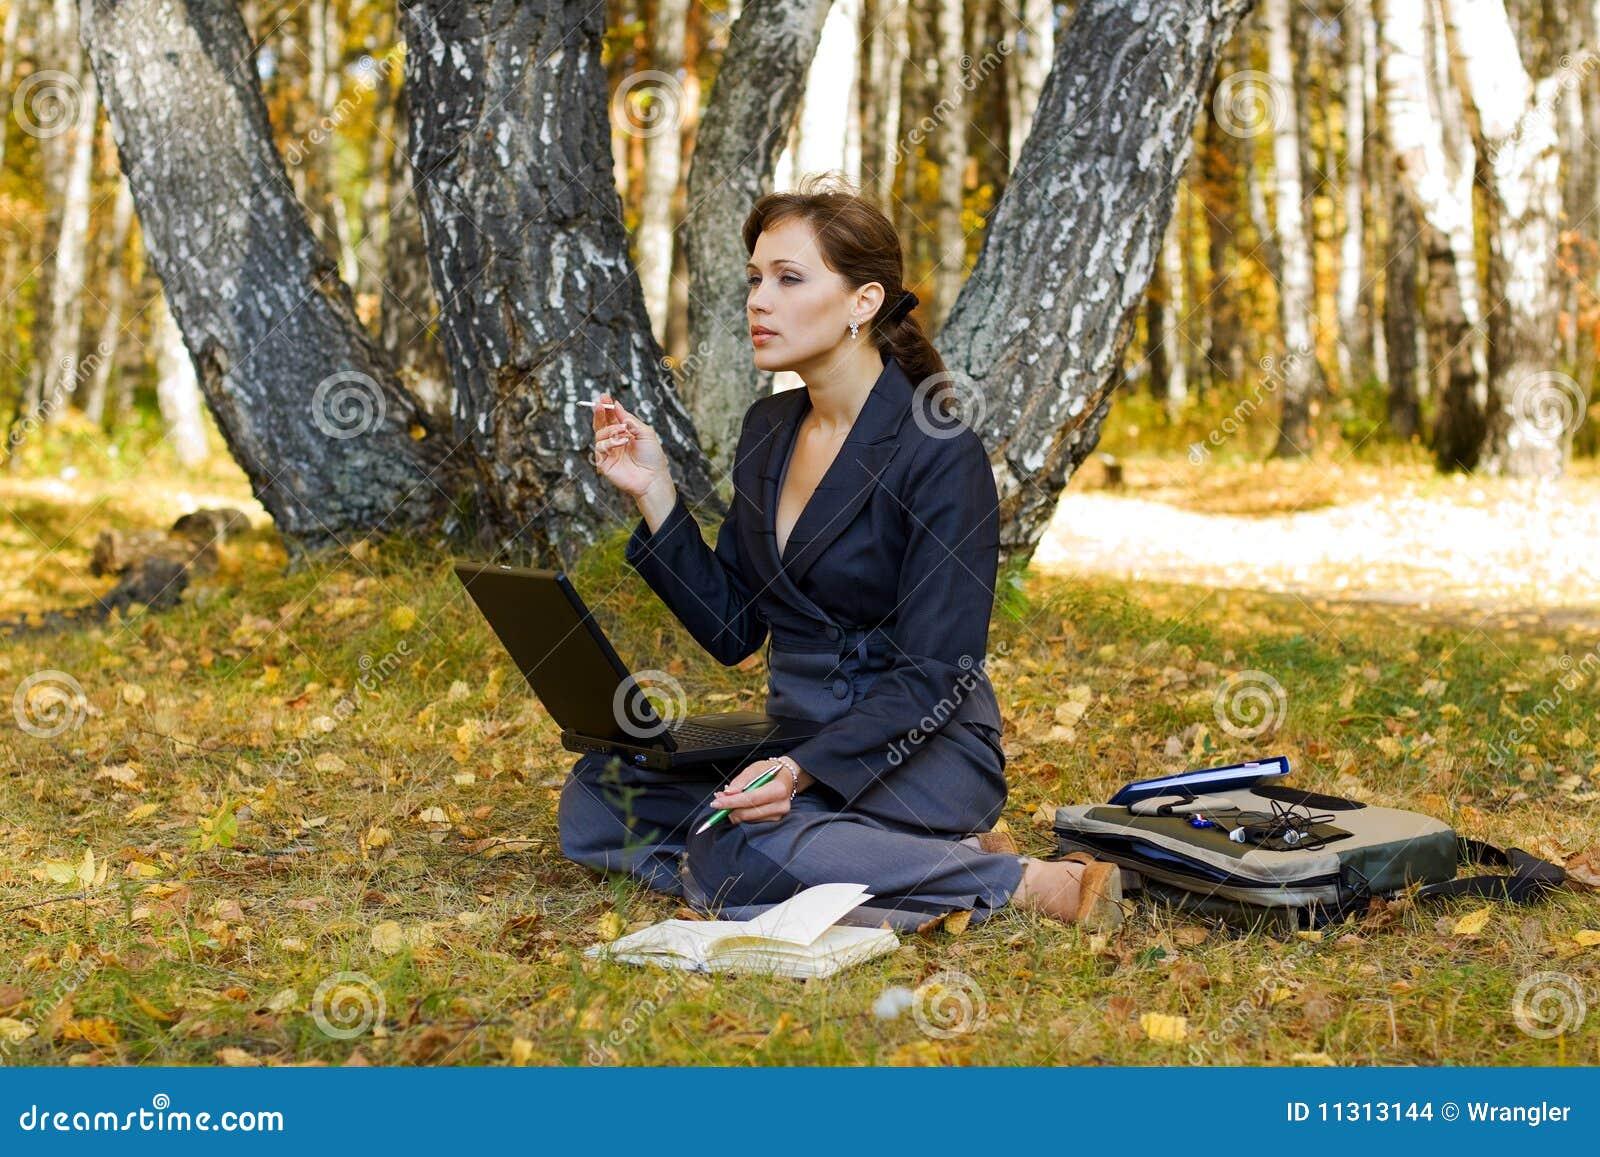 Junge Geschäftsfrau im Wald.